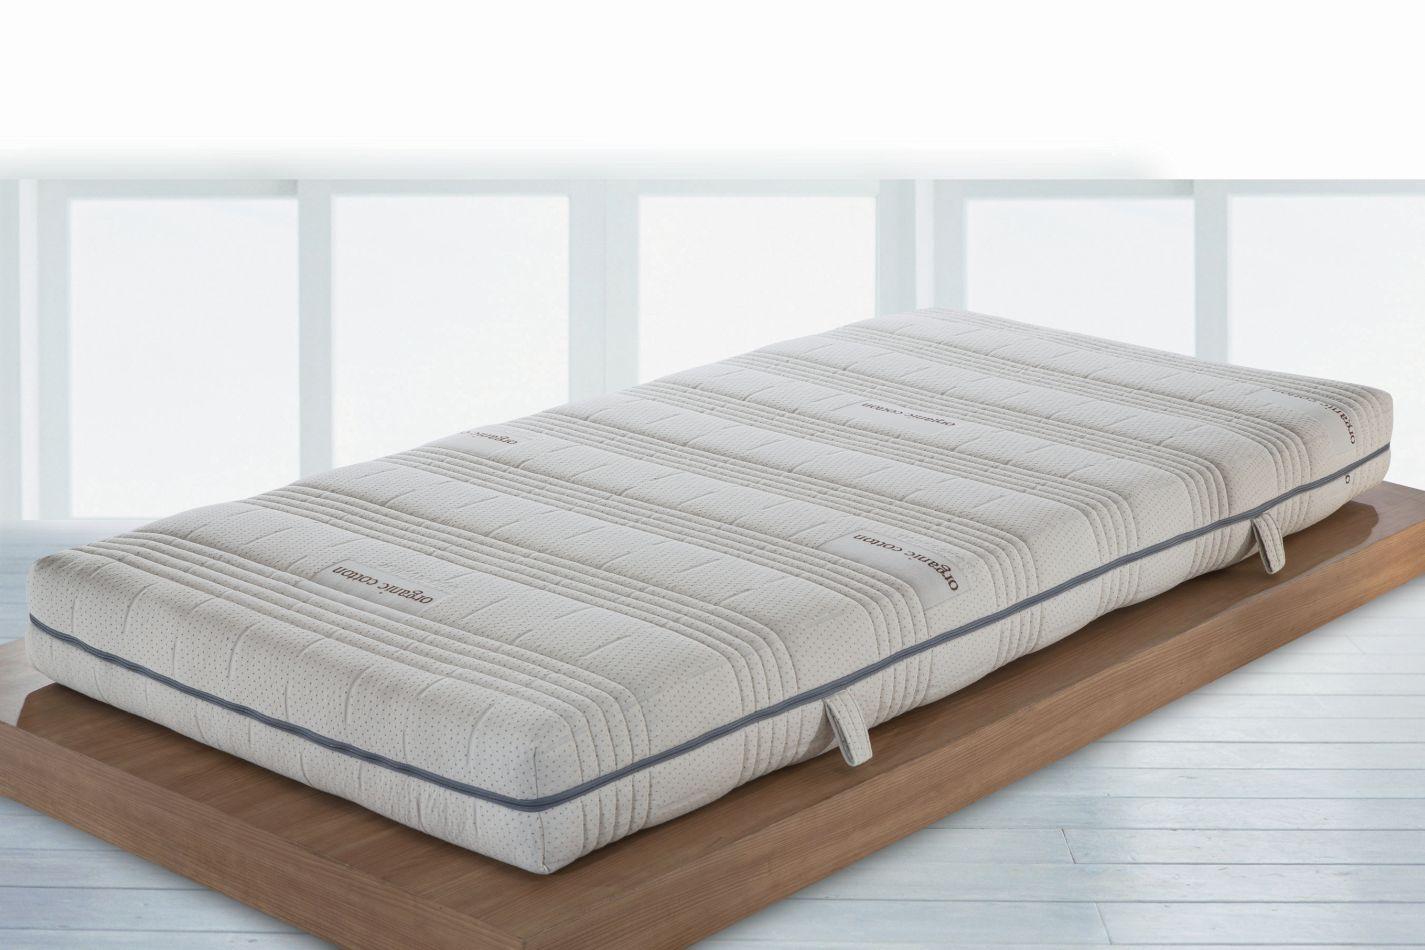 Steiner Shopping Matratzen Matratze Latex - Abmessung: 160 x 190 cm